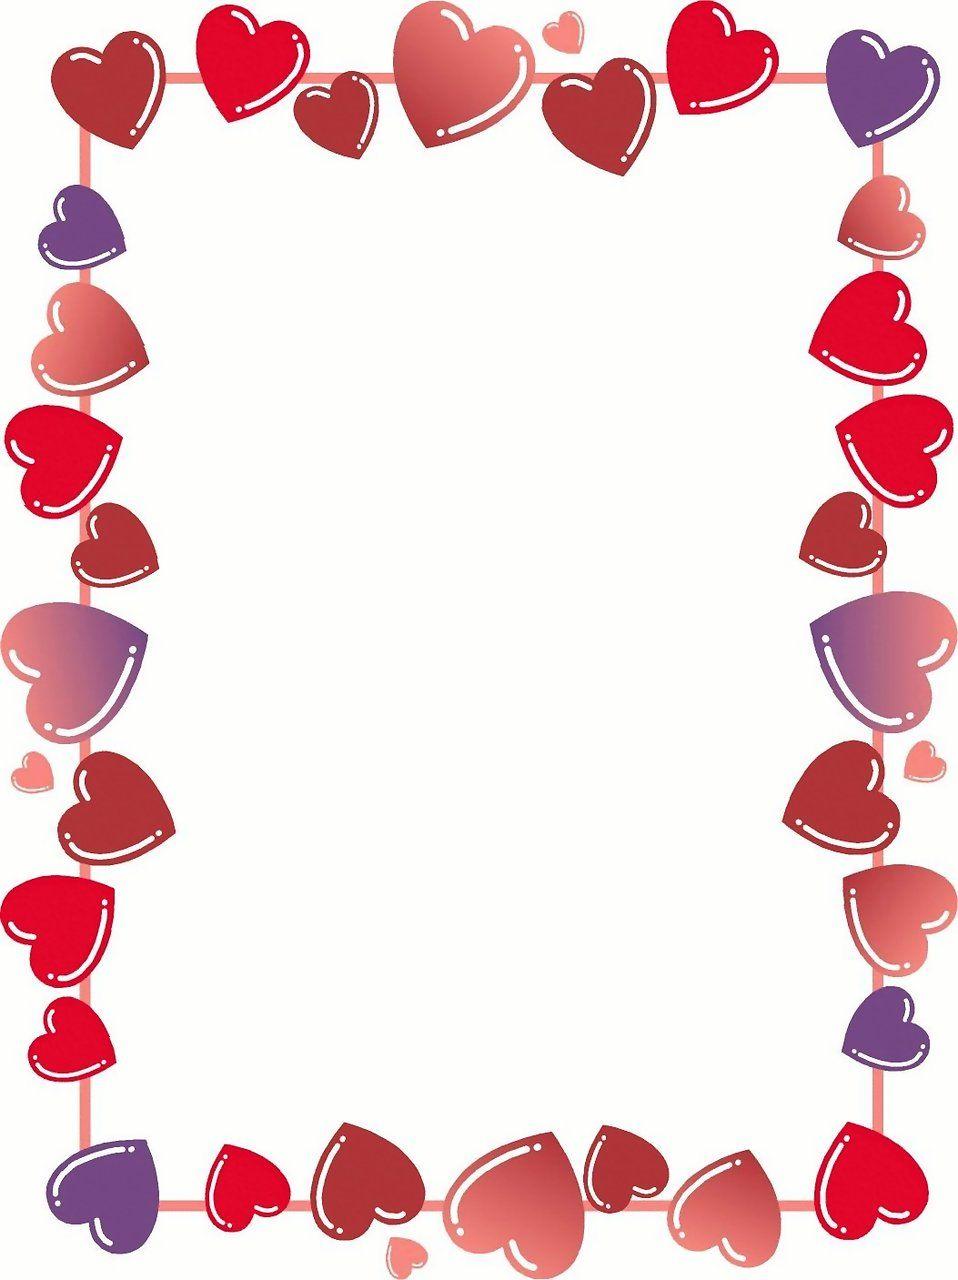 Heart border : Free Stock Photo.